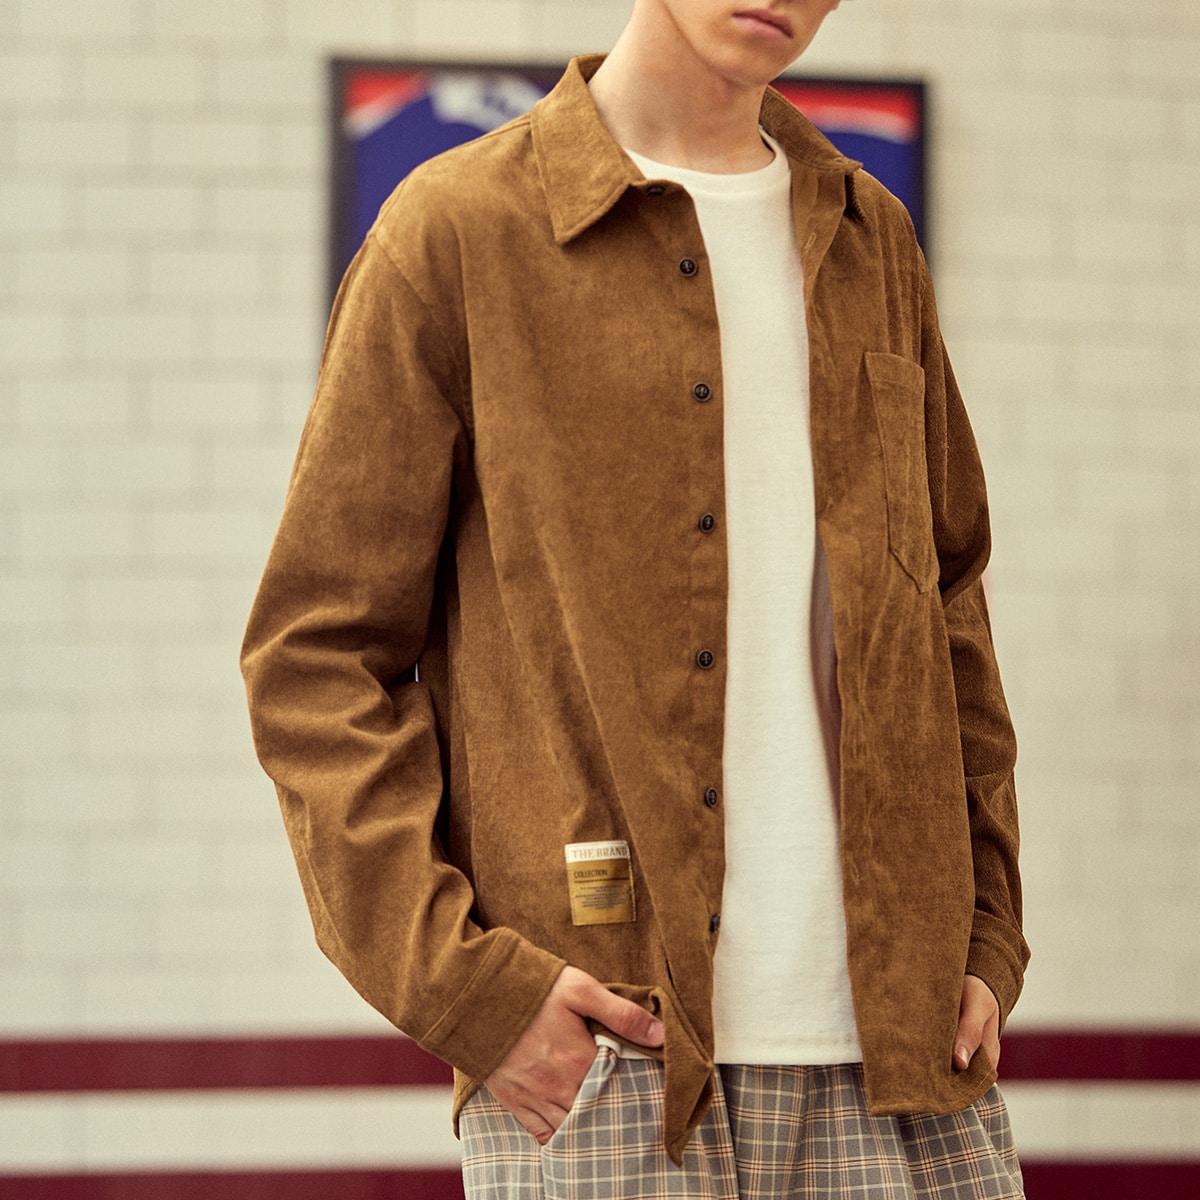 Мужской Рубашка вельветовый с заплатой с карманом SheIn smshirt25210607813